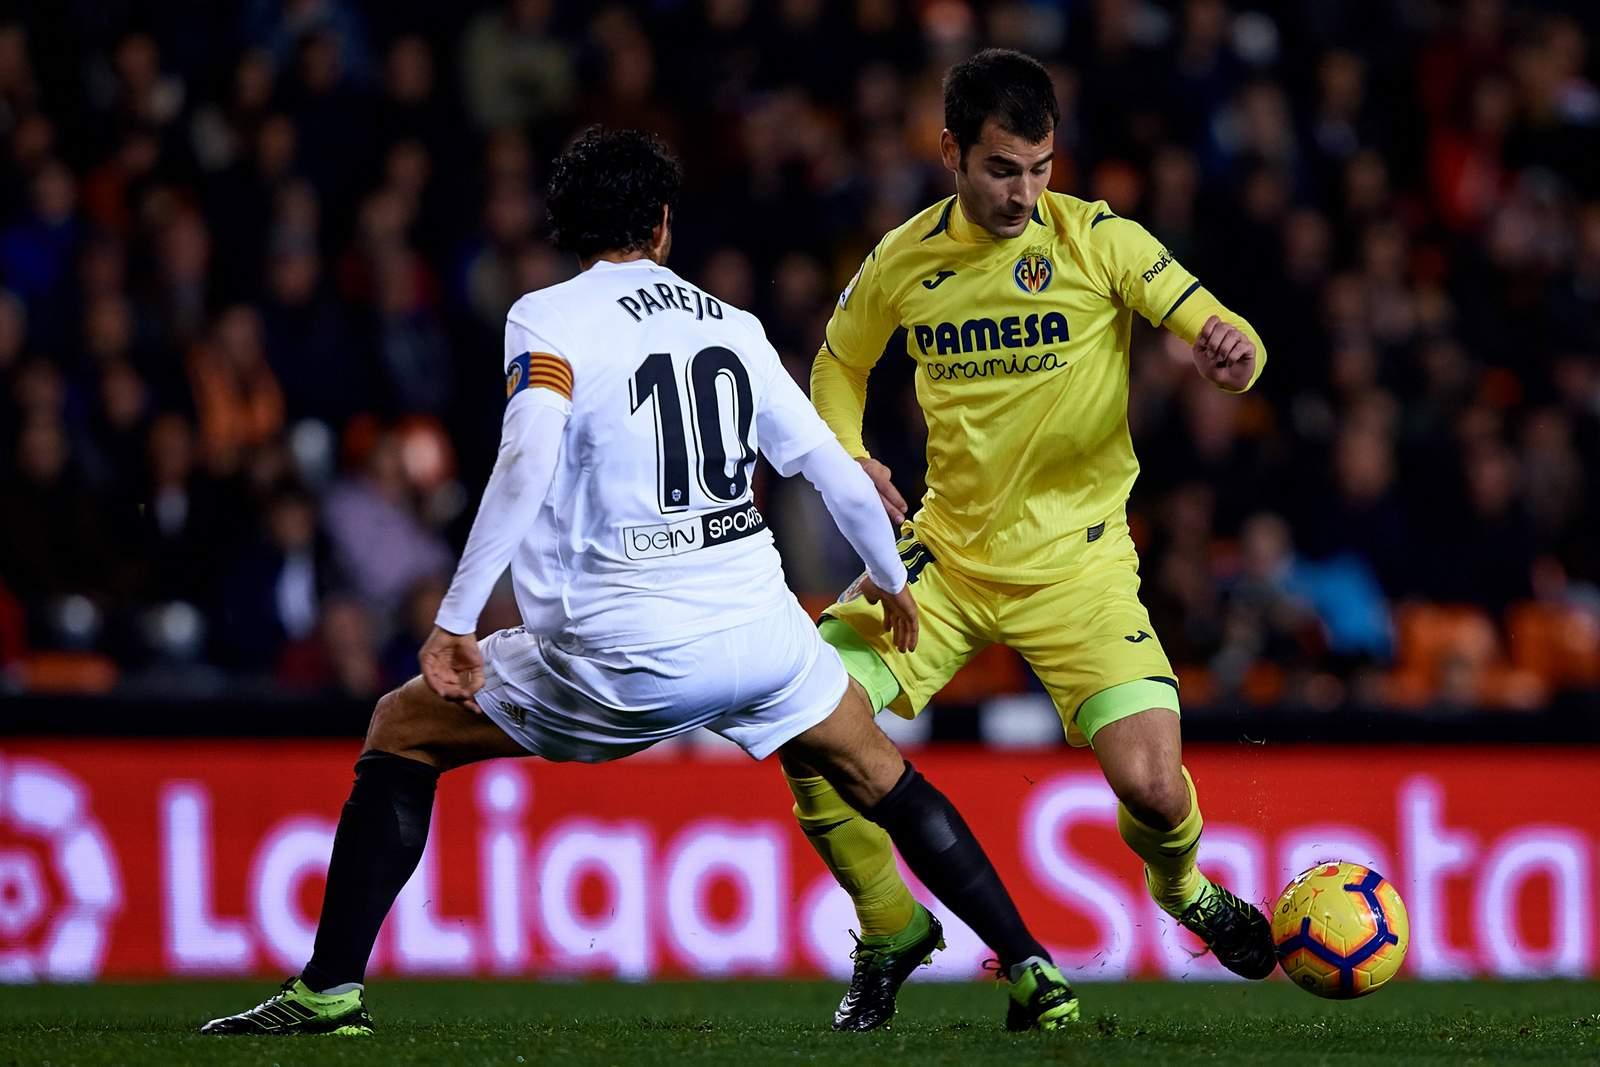 Setzt sich Trigueros gegen Parejo durch? Jetzt auf Villarreal gegen Valencia wetten